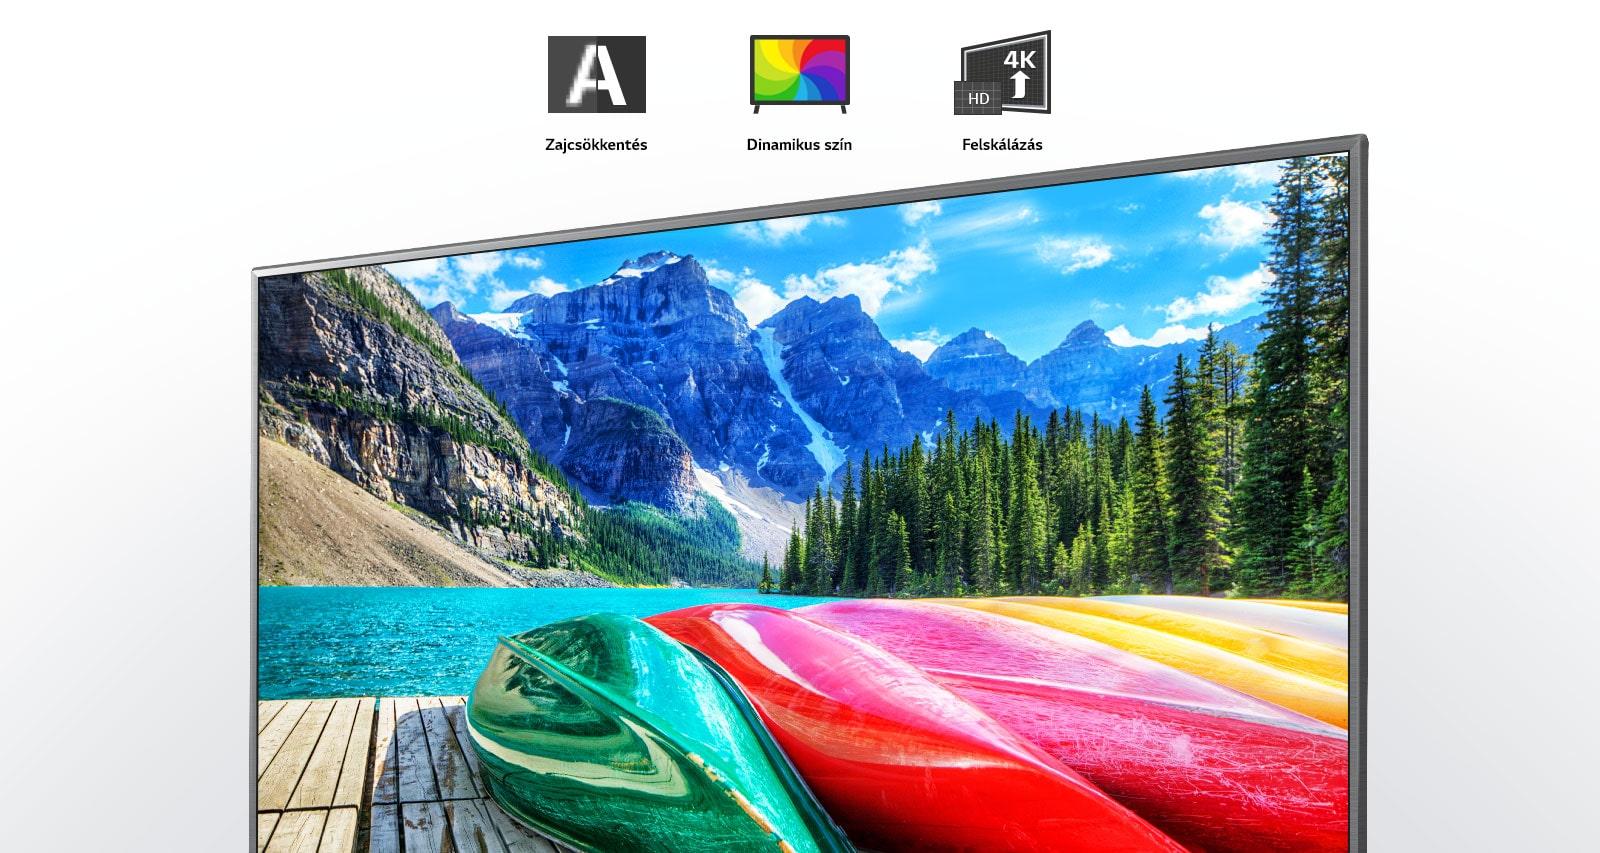 Zajcsökkentés, dinamikus színek és felskálázási ikonok, valamint hegyes, erdős és tavas tájkép a TV képernyőjén.